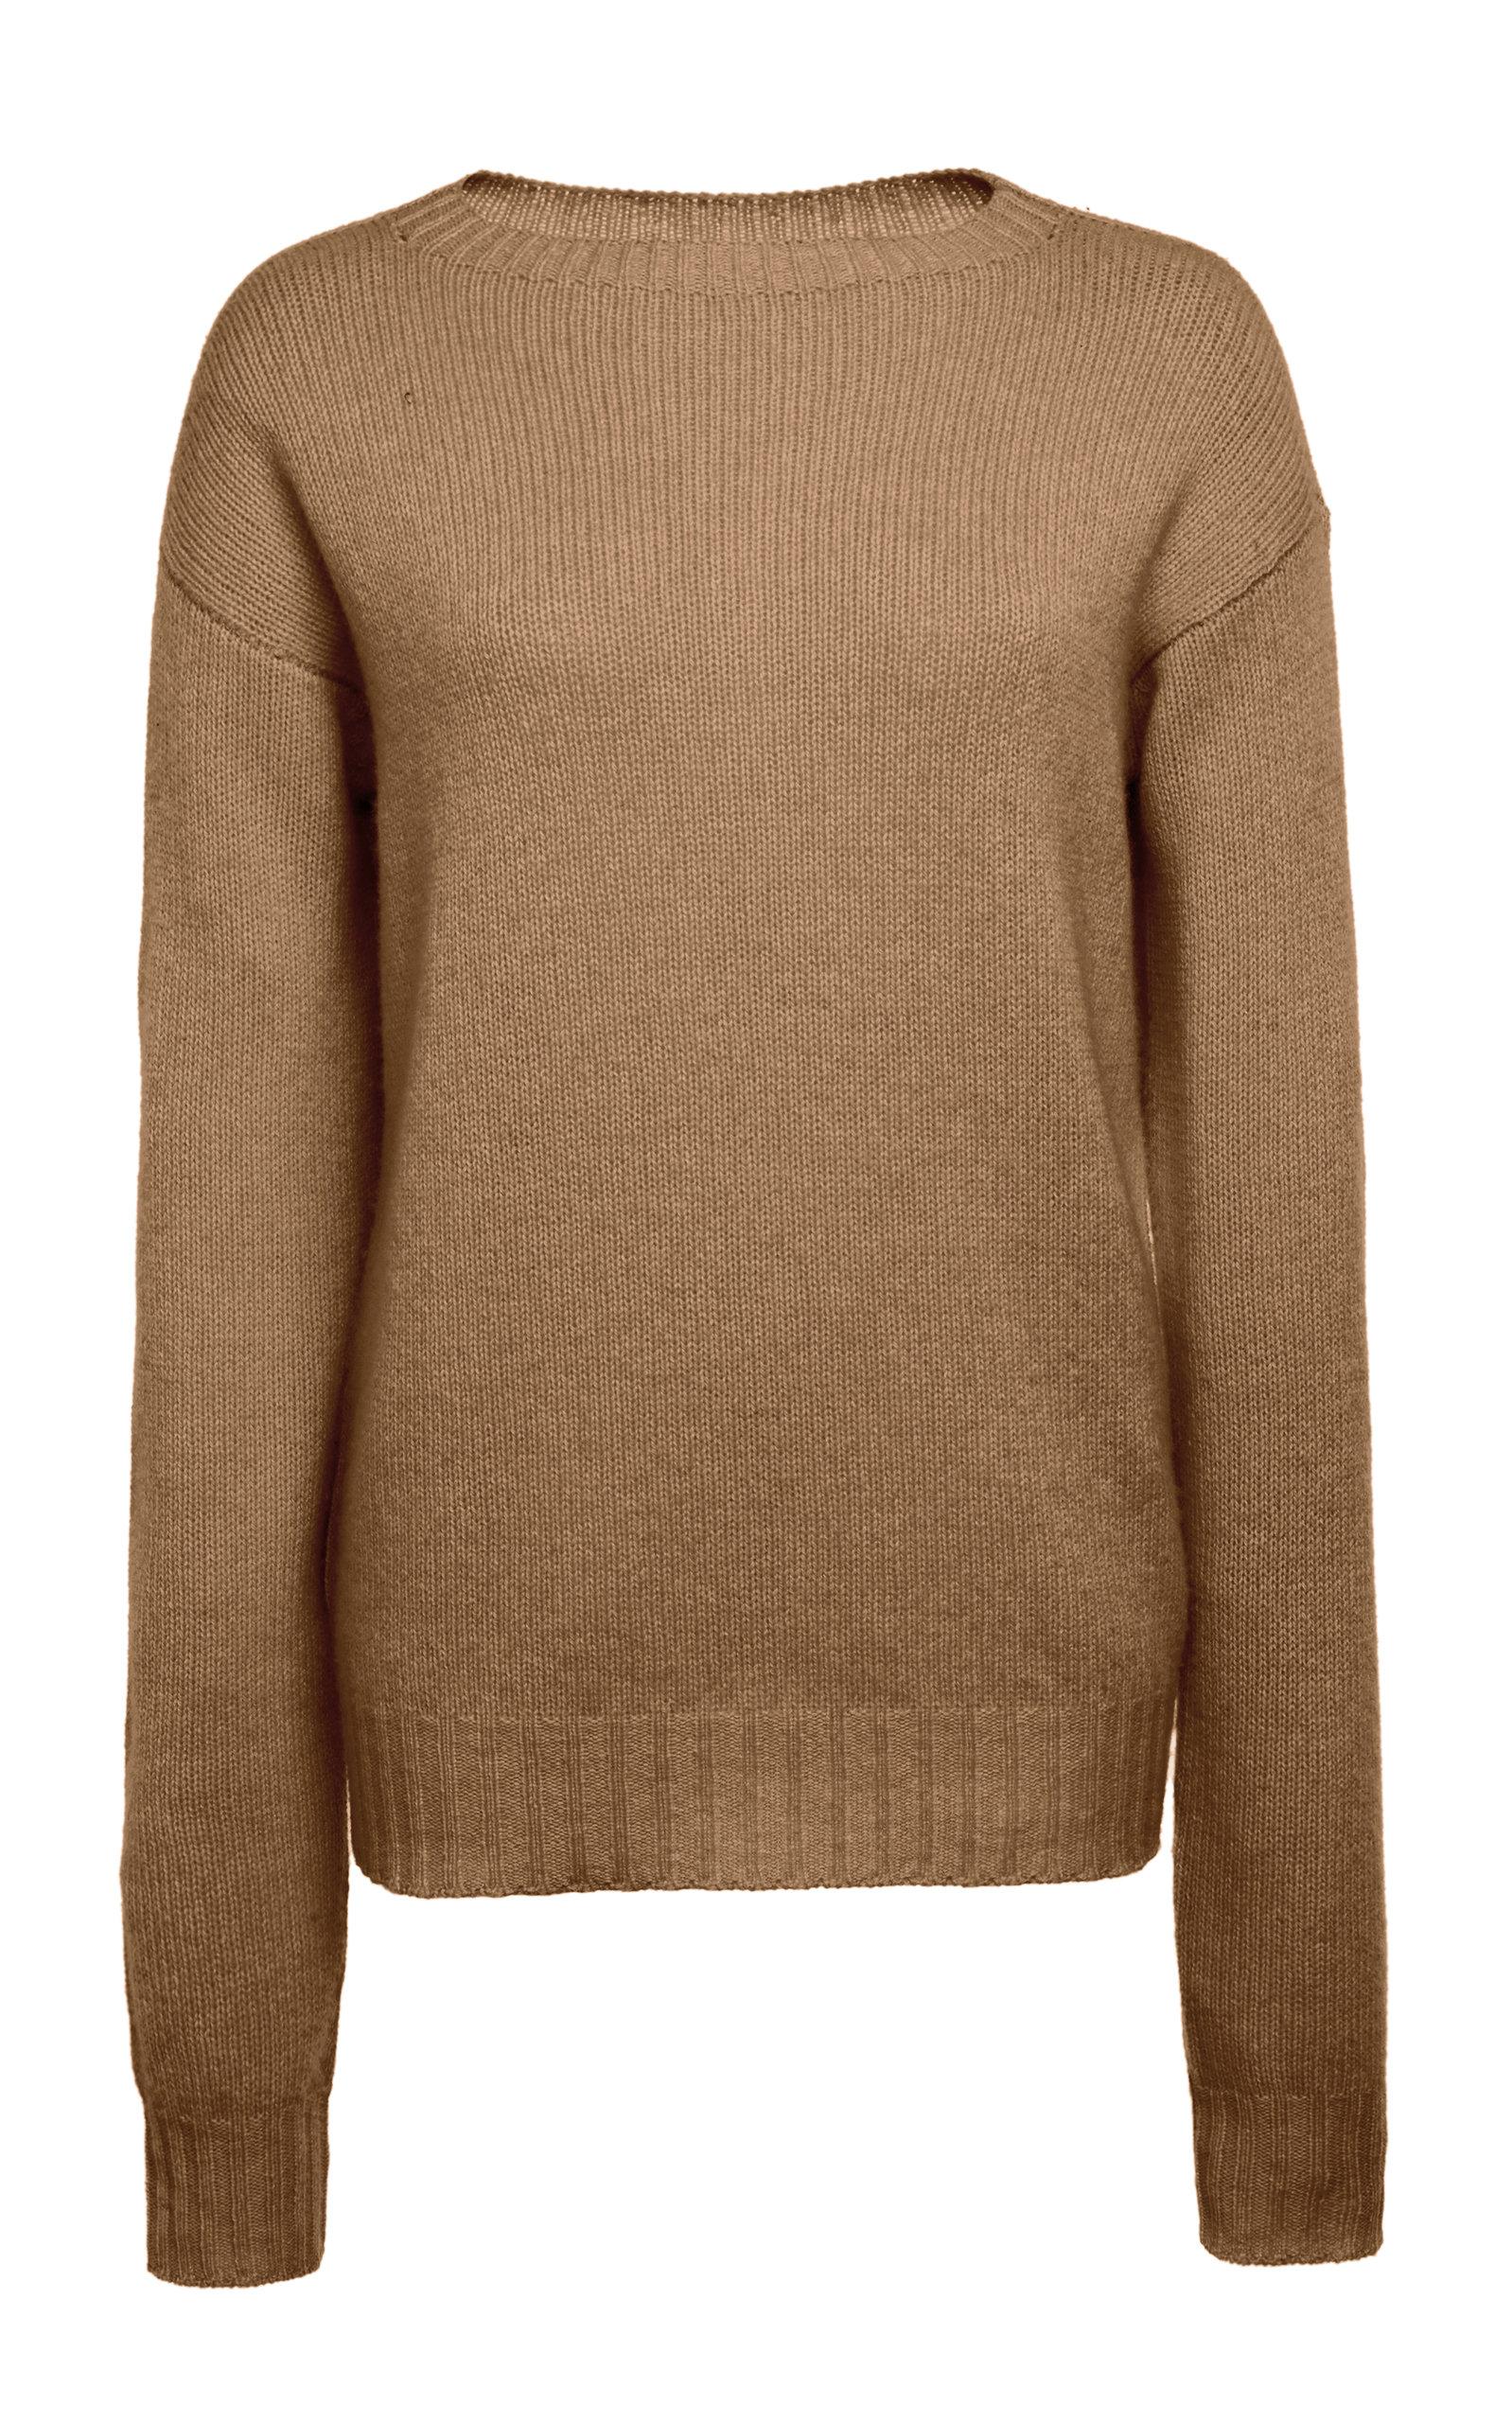 PRADA | Prada Ribbed Cashmere Sweater | Goxip